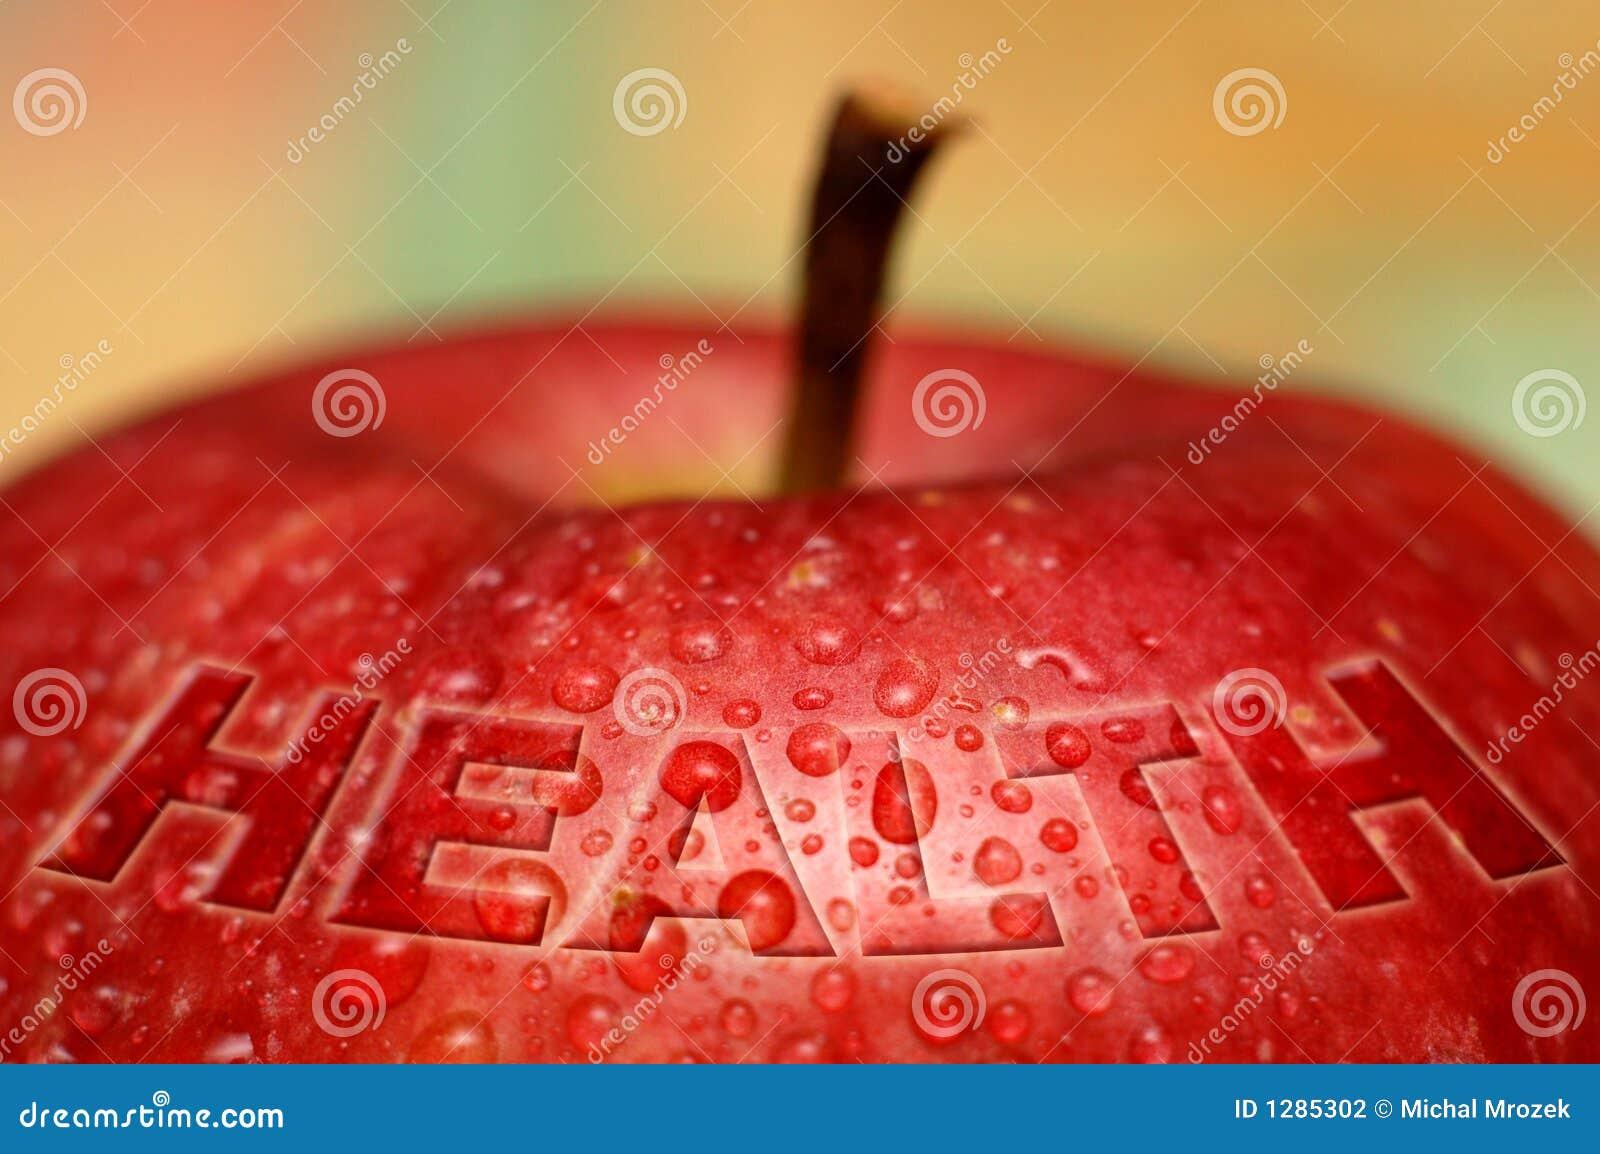 Saúde - maçã molhada